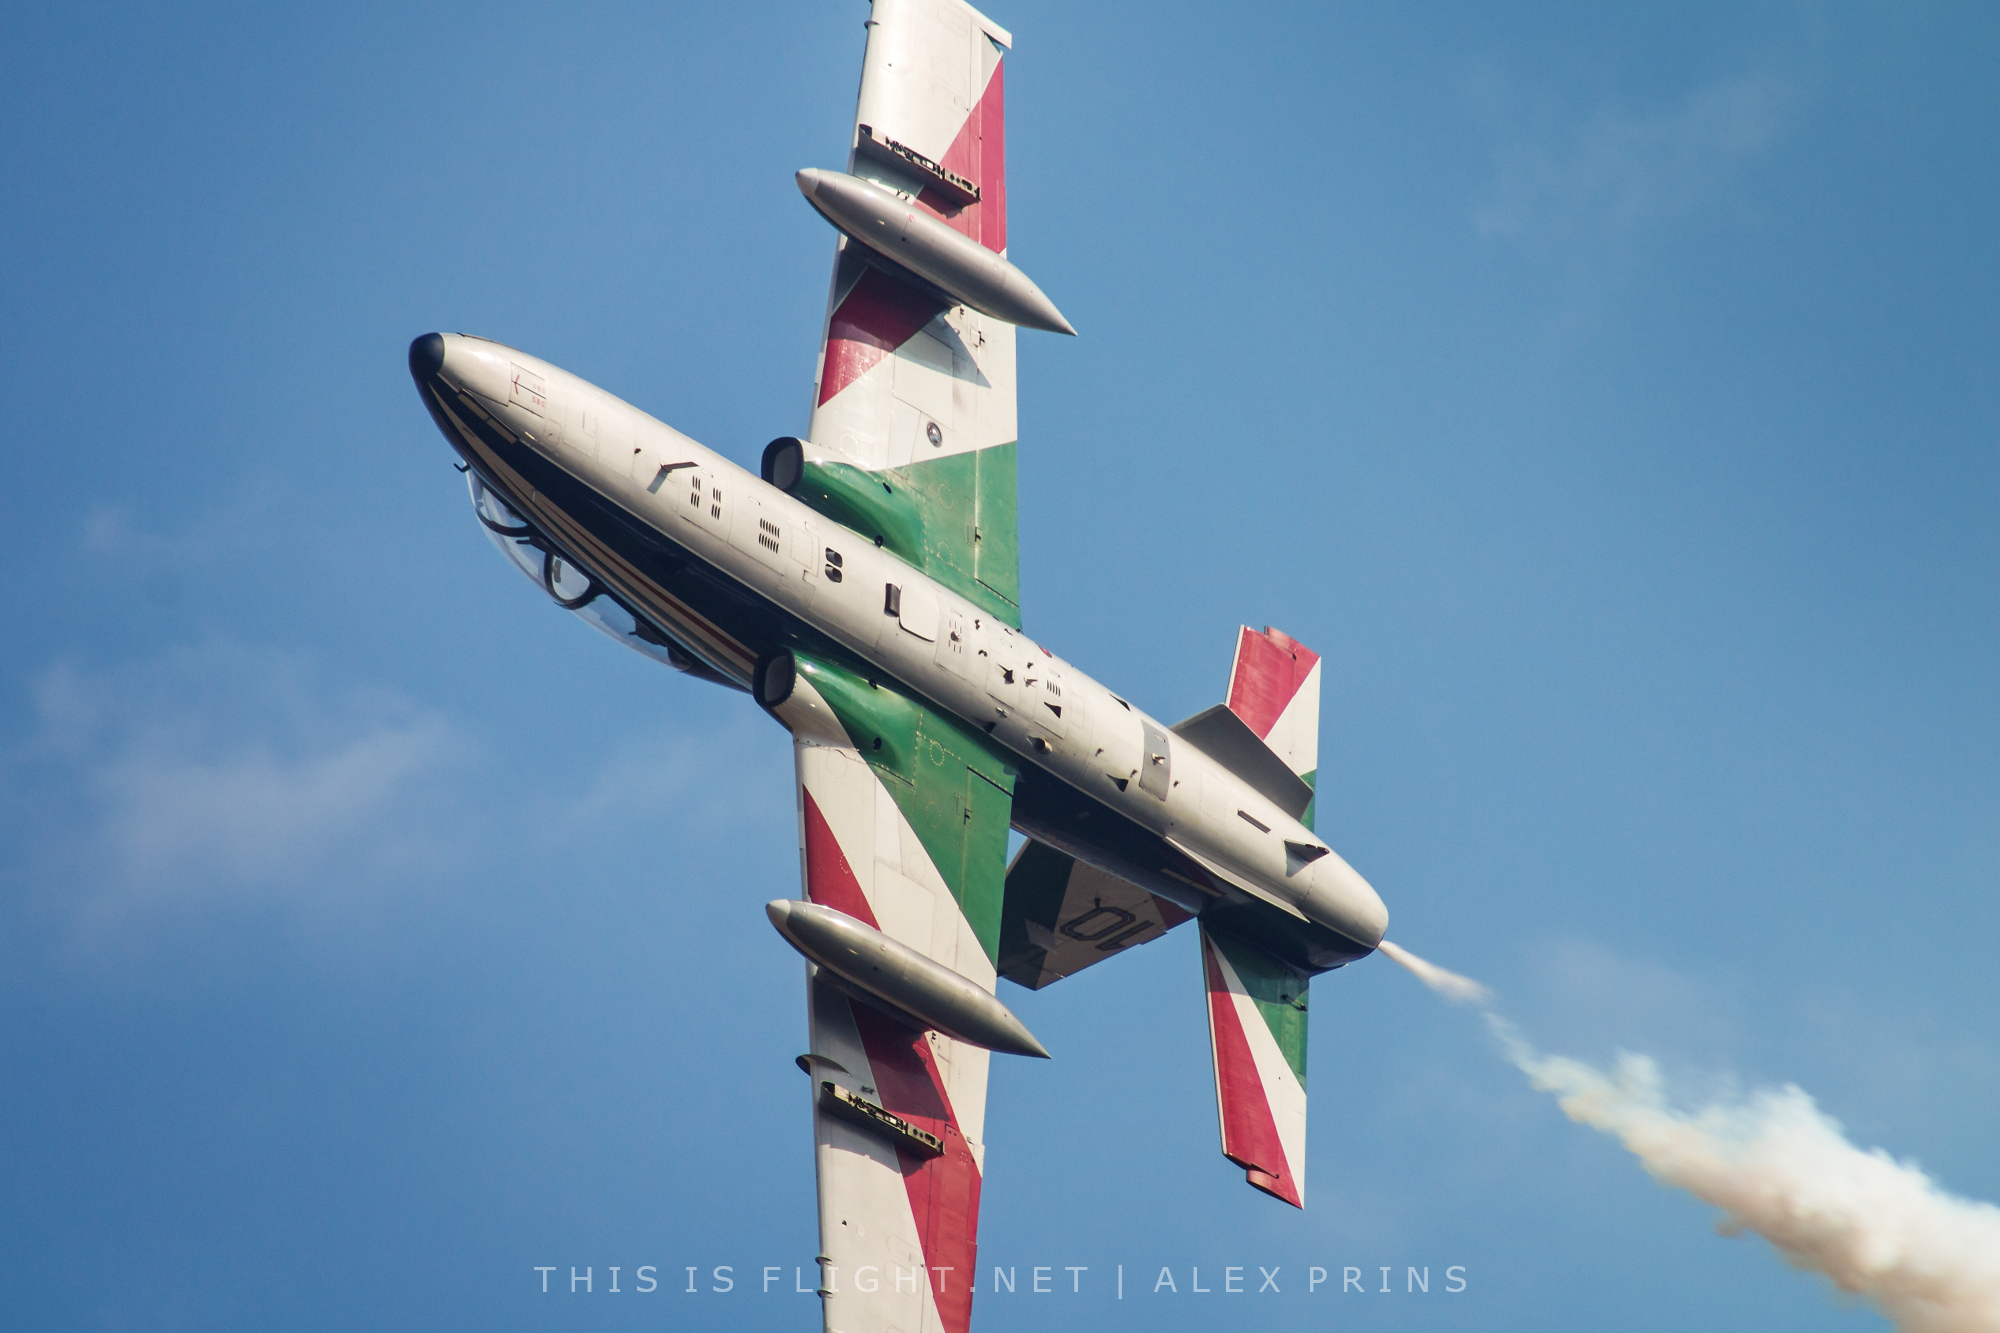 Frecce Tricolori's 60th anniversary season to end with international airshow at Rivolto